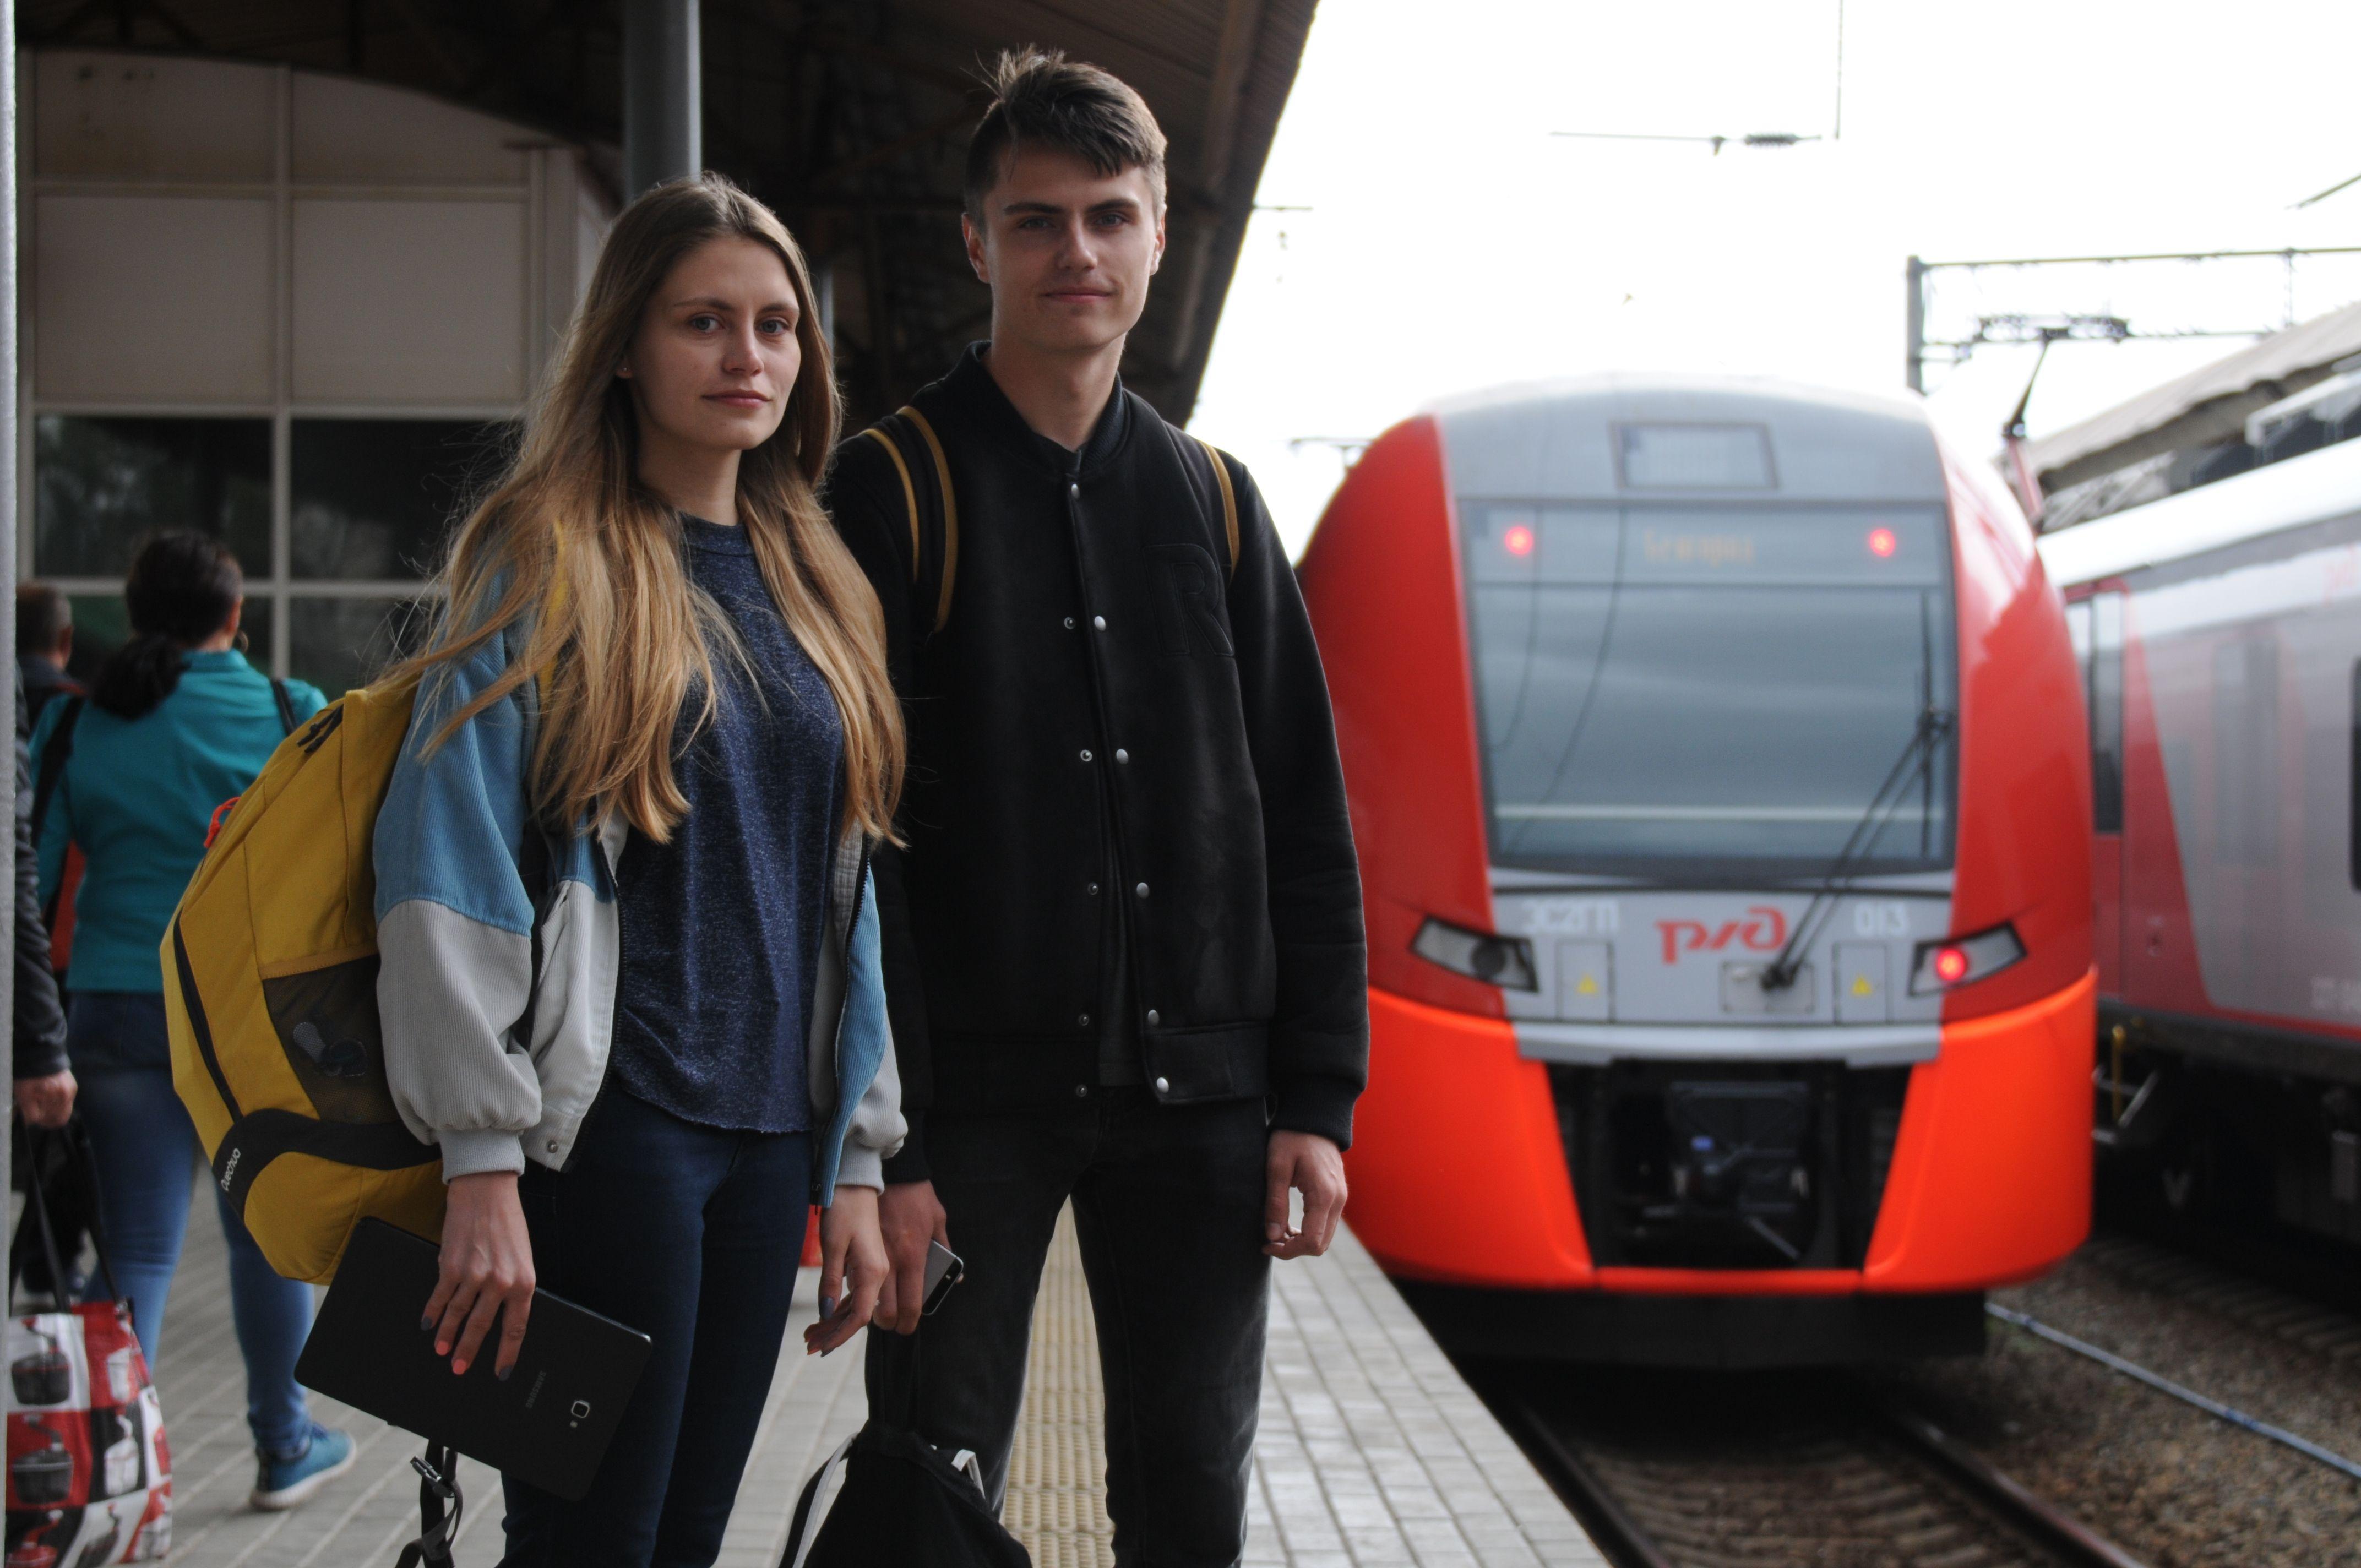 Более трех миллионов пассажиров проехали по МЦК за последнюю неделю